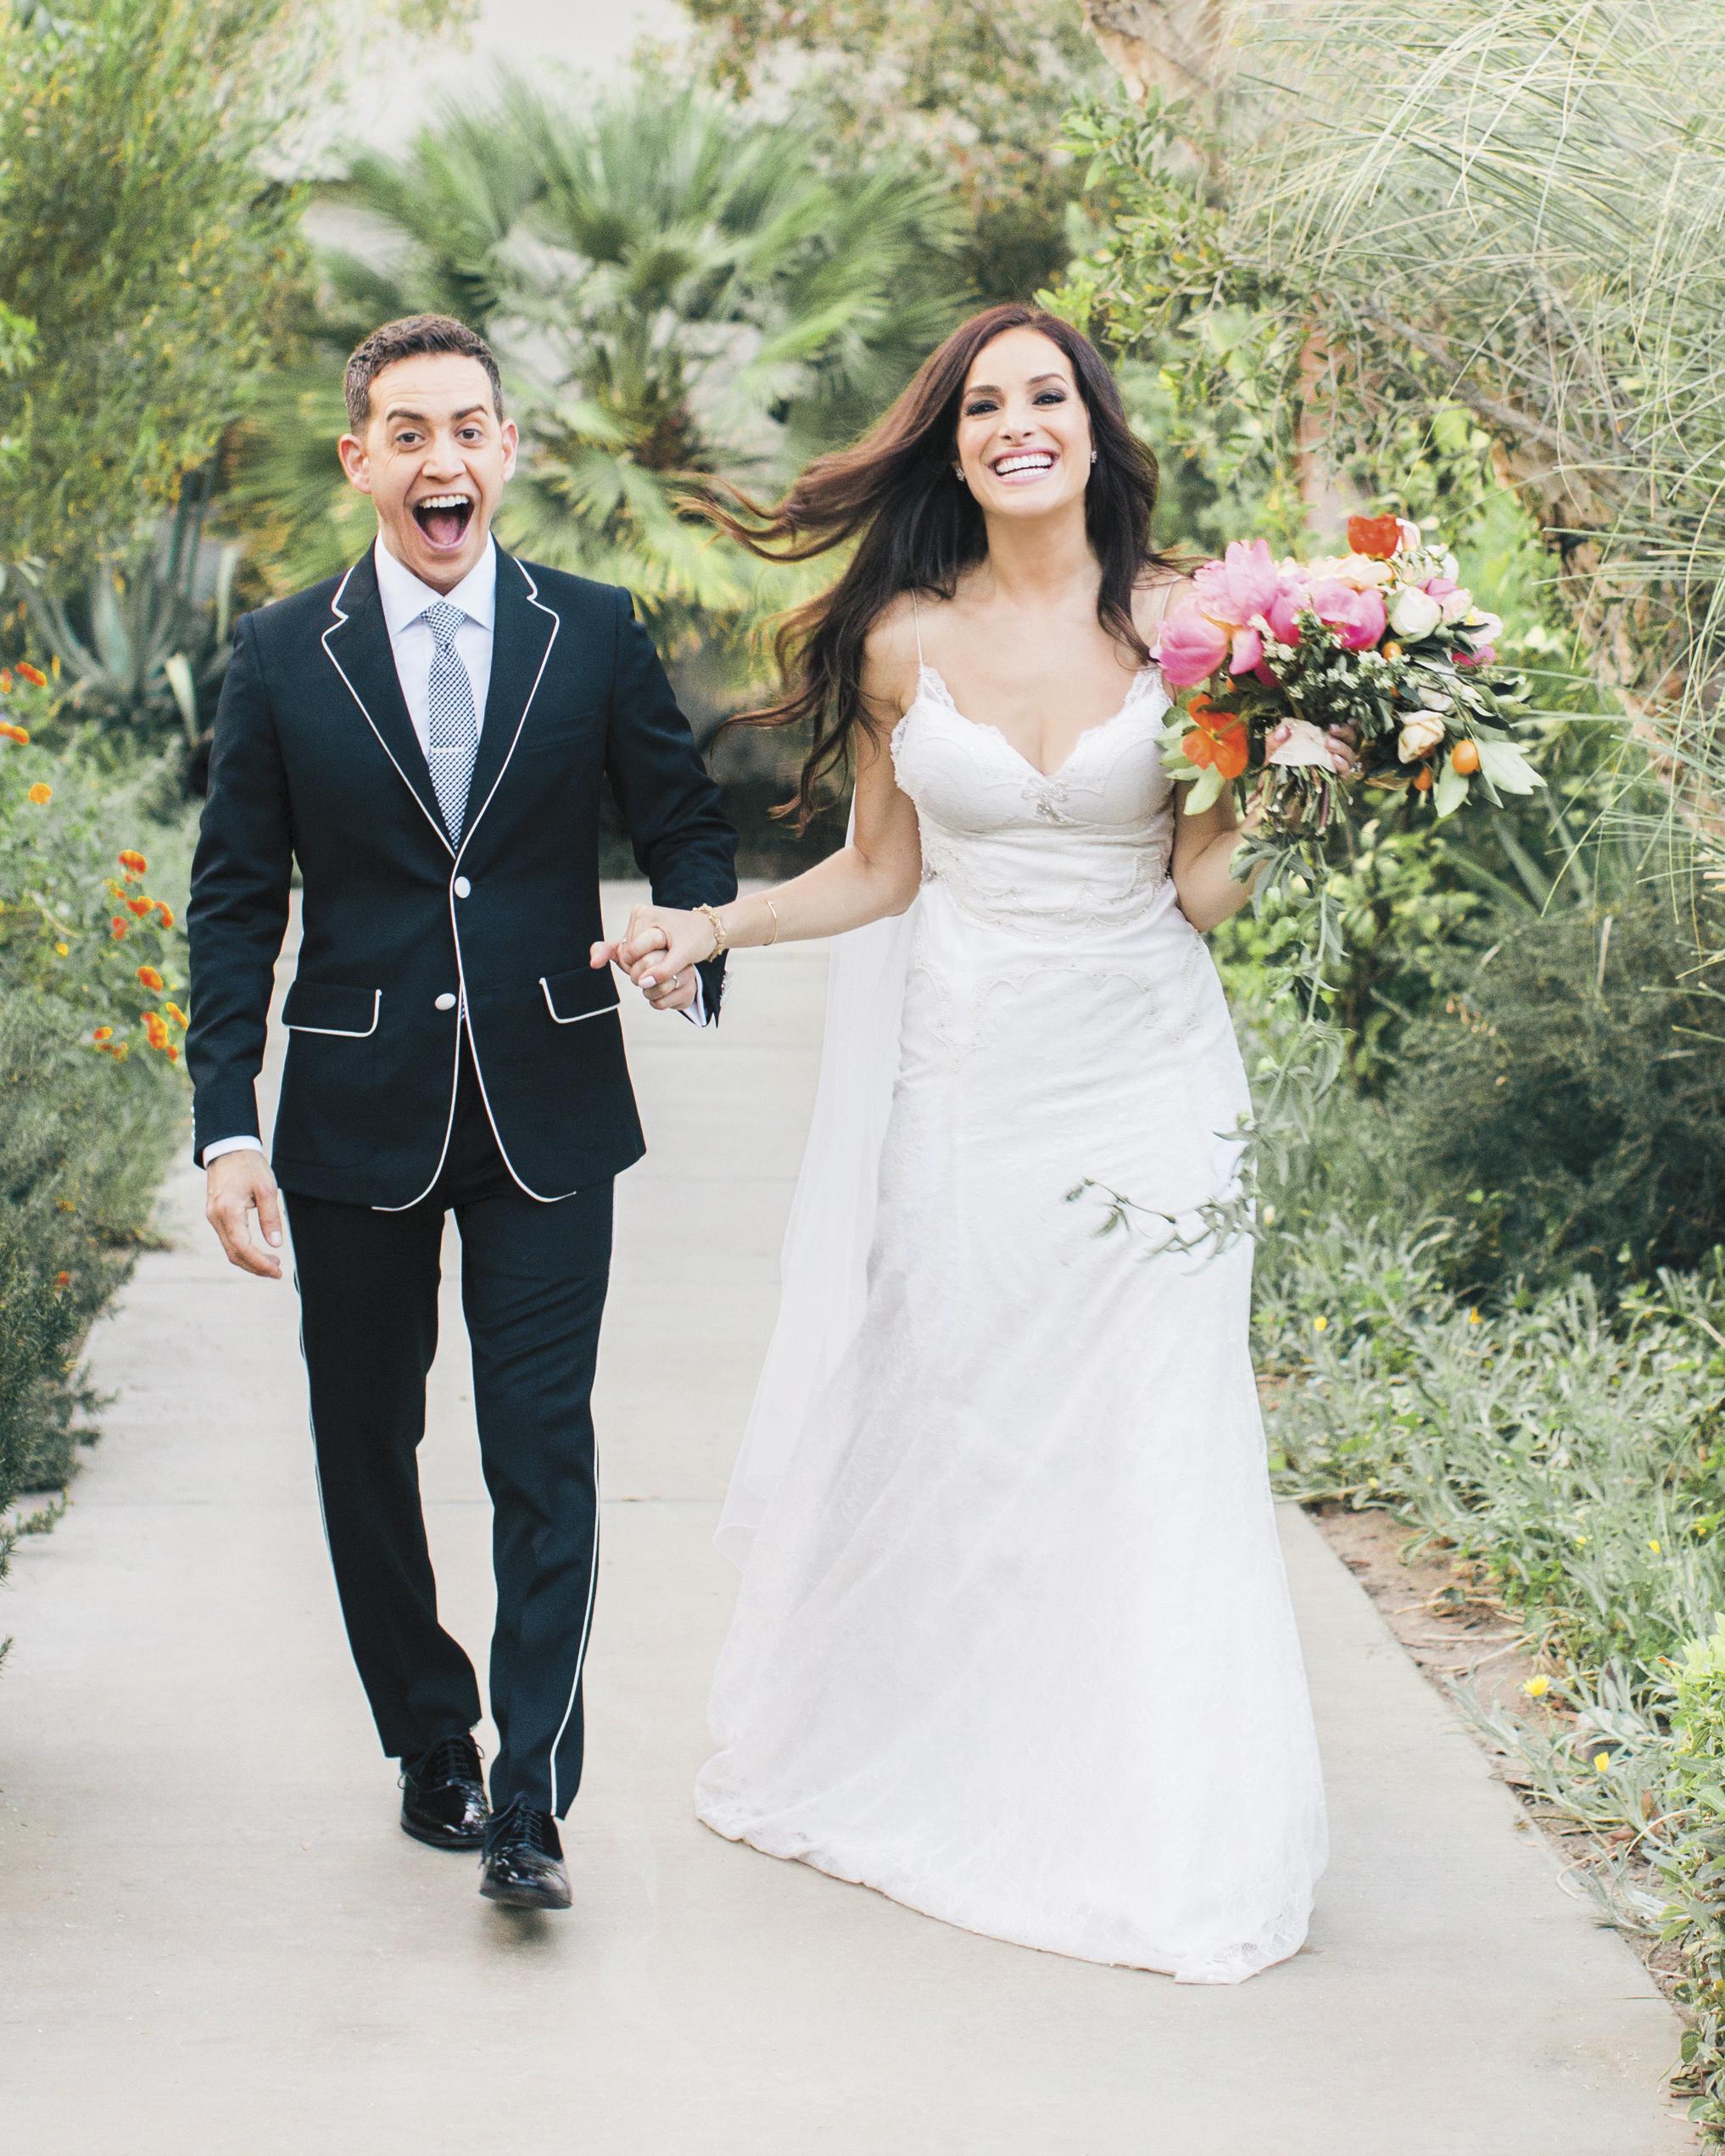 jackie-jason-wedding-palm-springs-0704-s111819.jpg